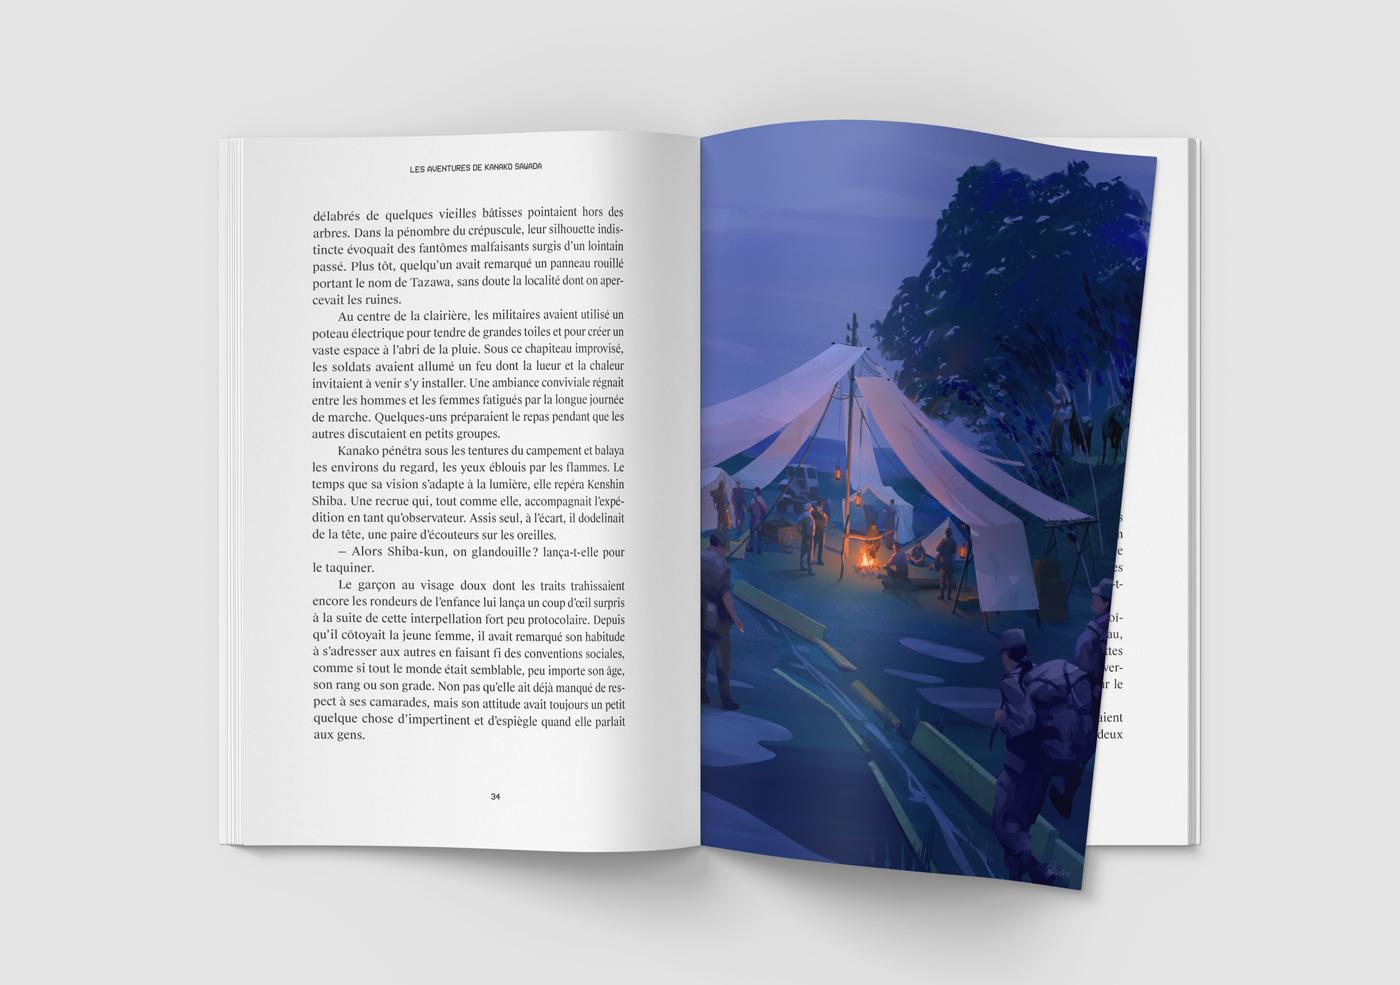 Mockup de l'illustration de Sandrine Pilloud | Campfire | Livre Kanako Sawada écrit par Lionel Tardy